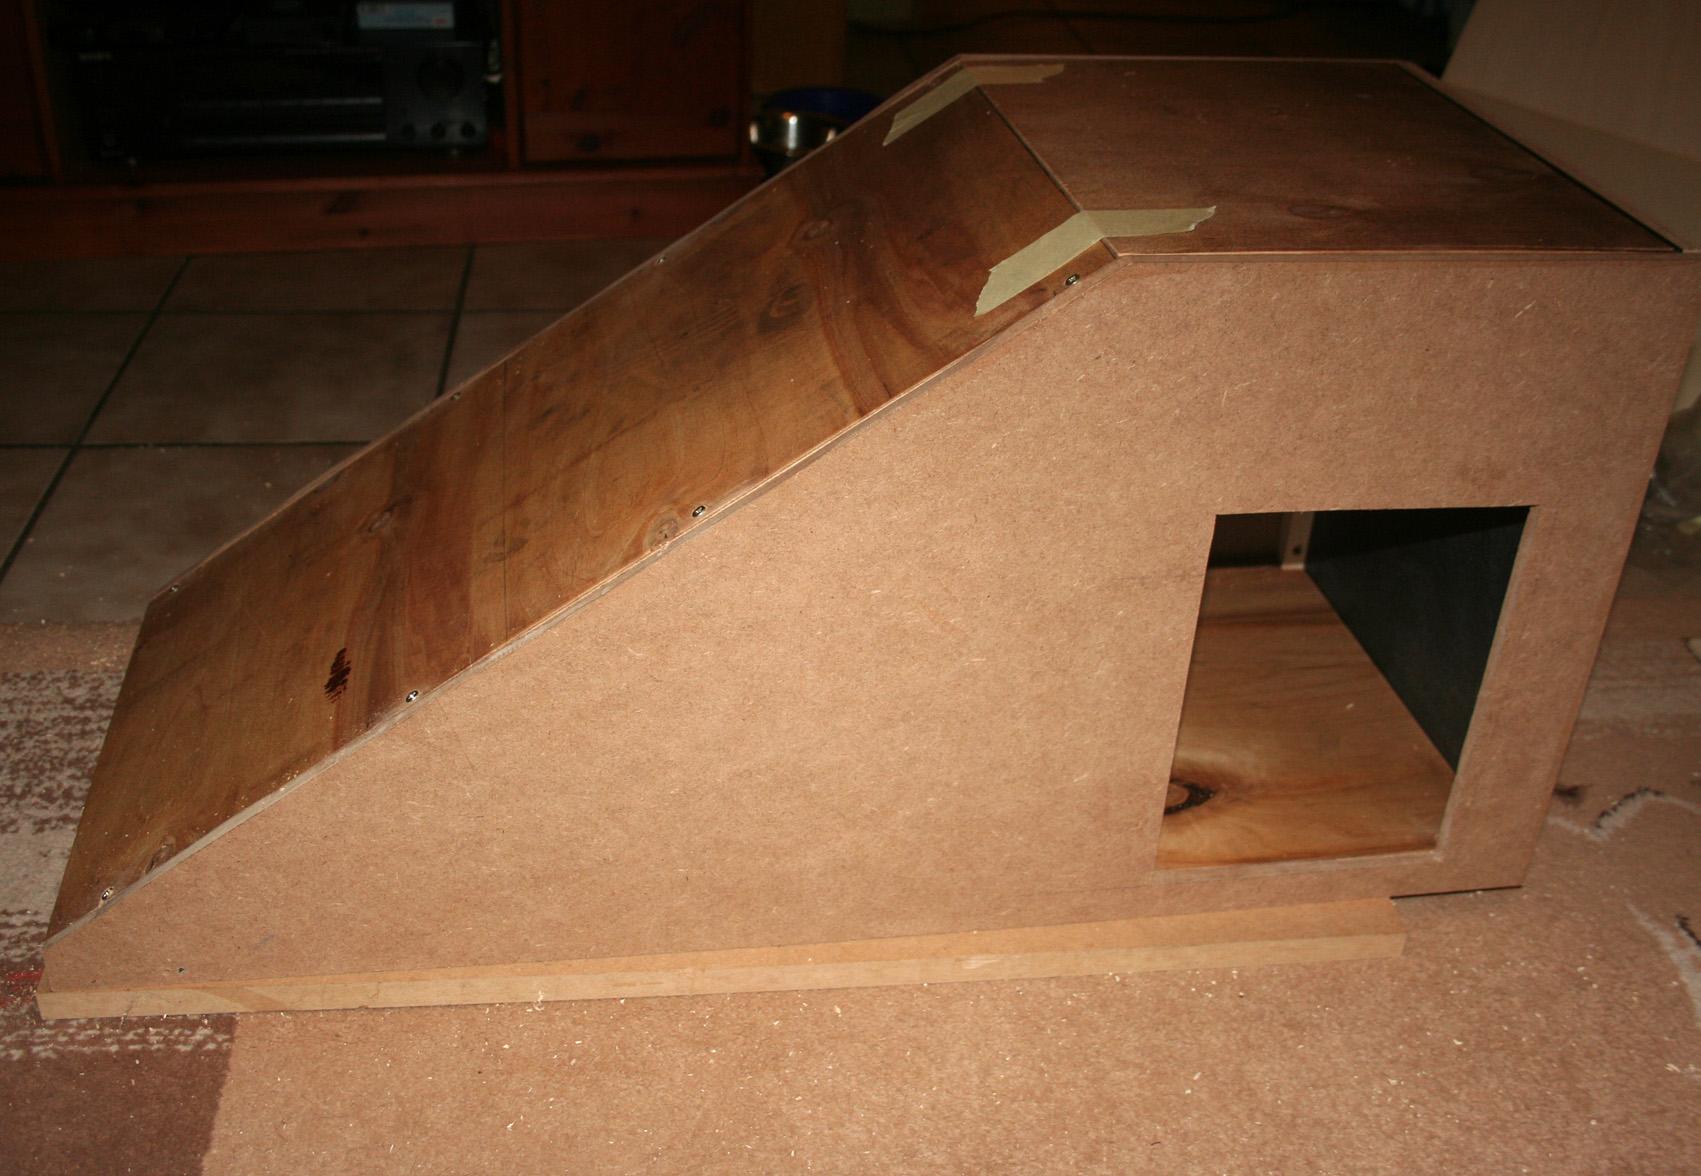 rampe f r couch oder bett mit h hle von livvy. Black Bedroom Furniture Sets. Home Design Ideas